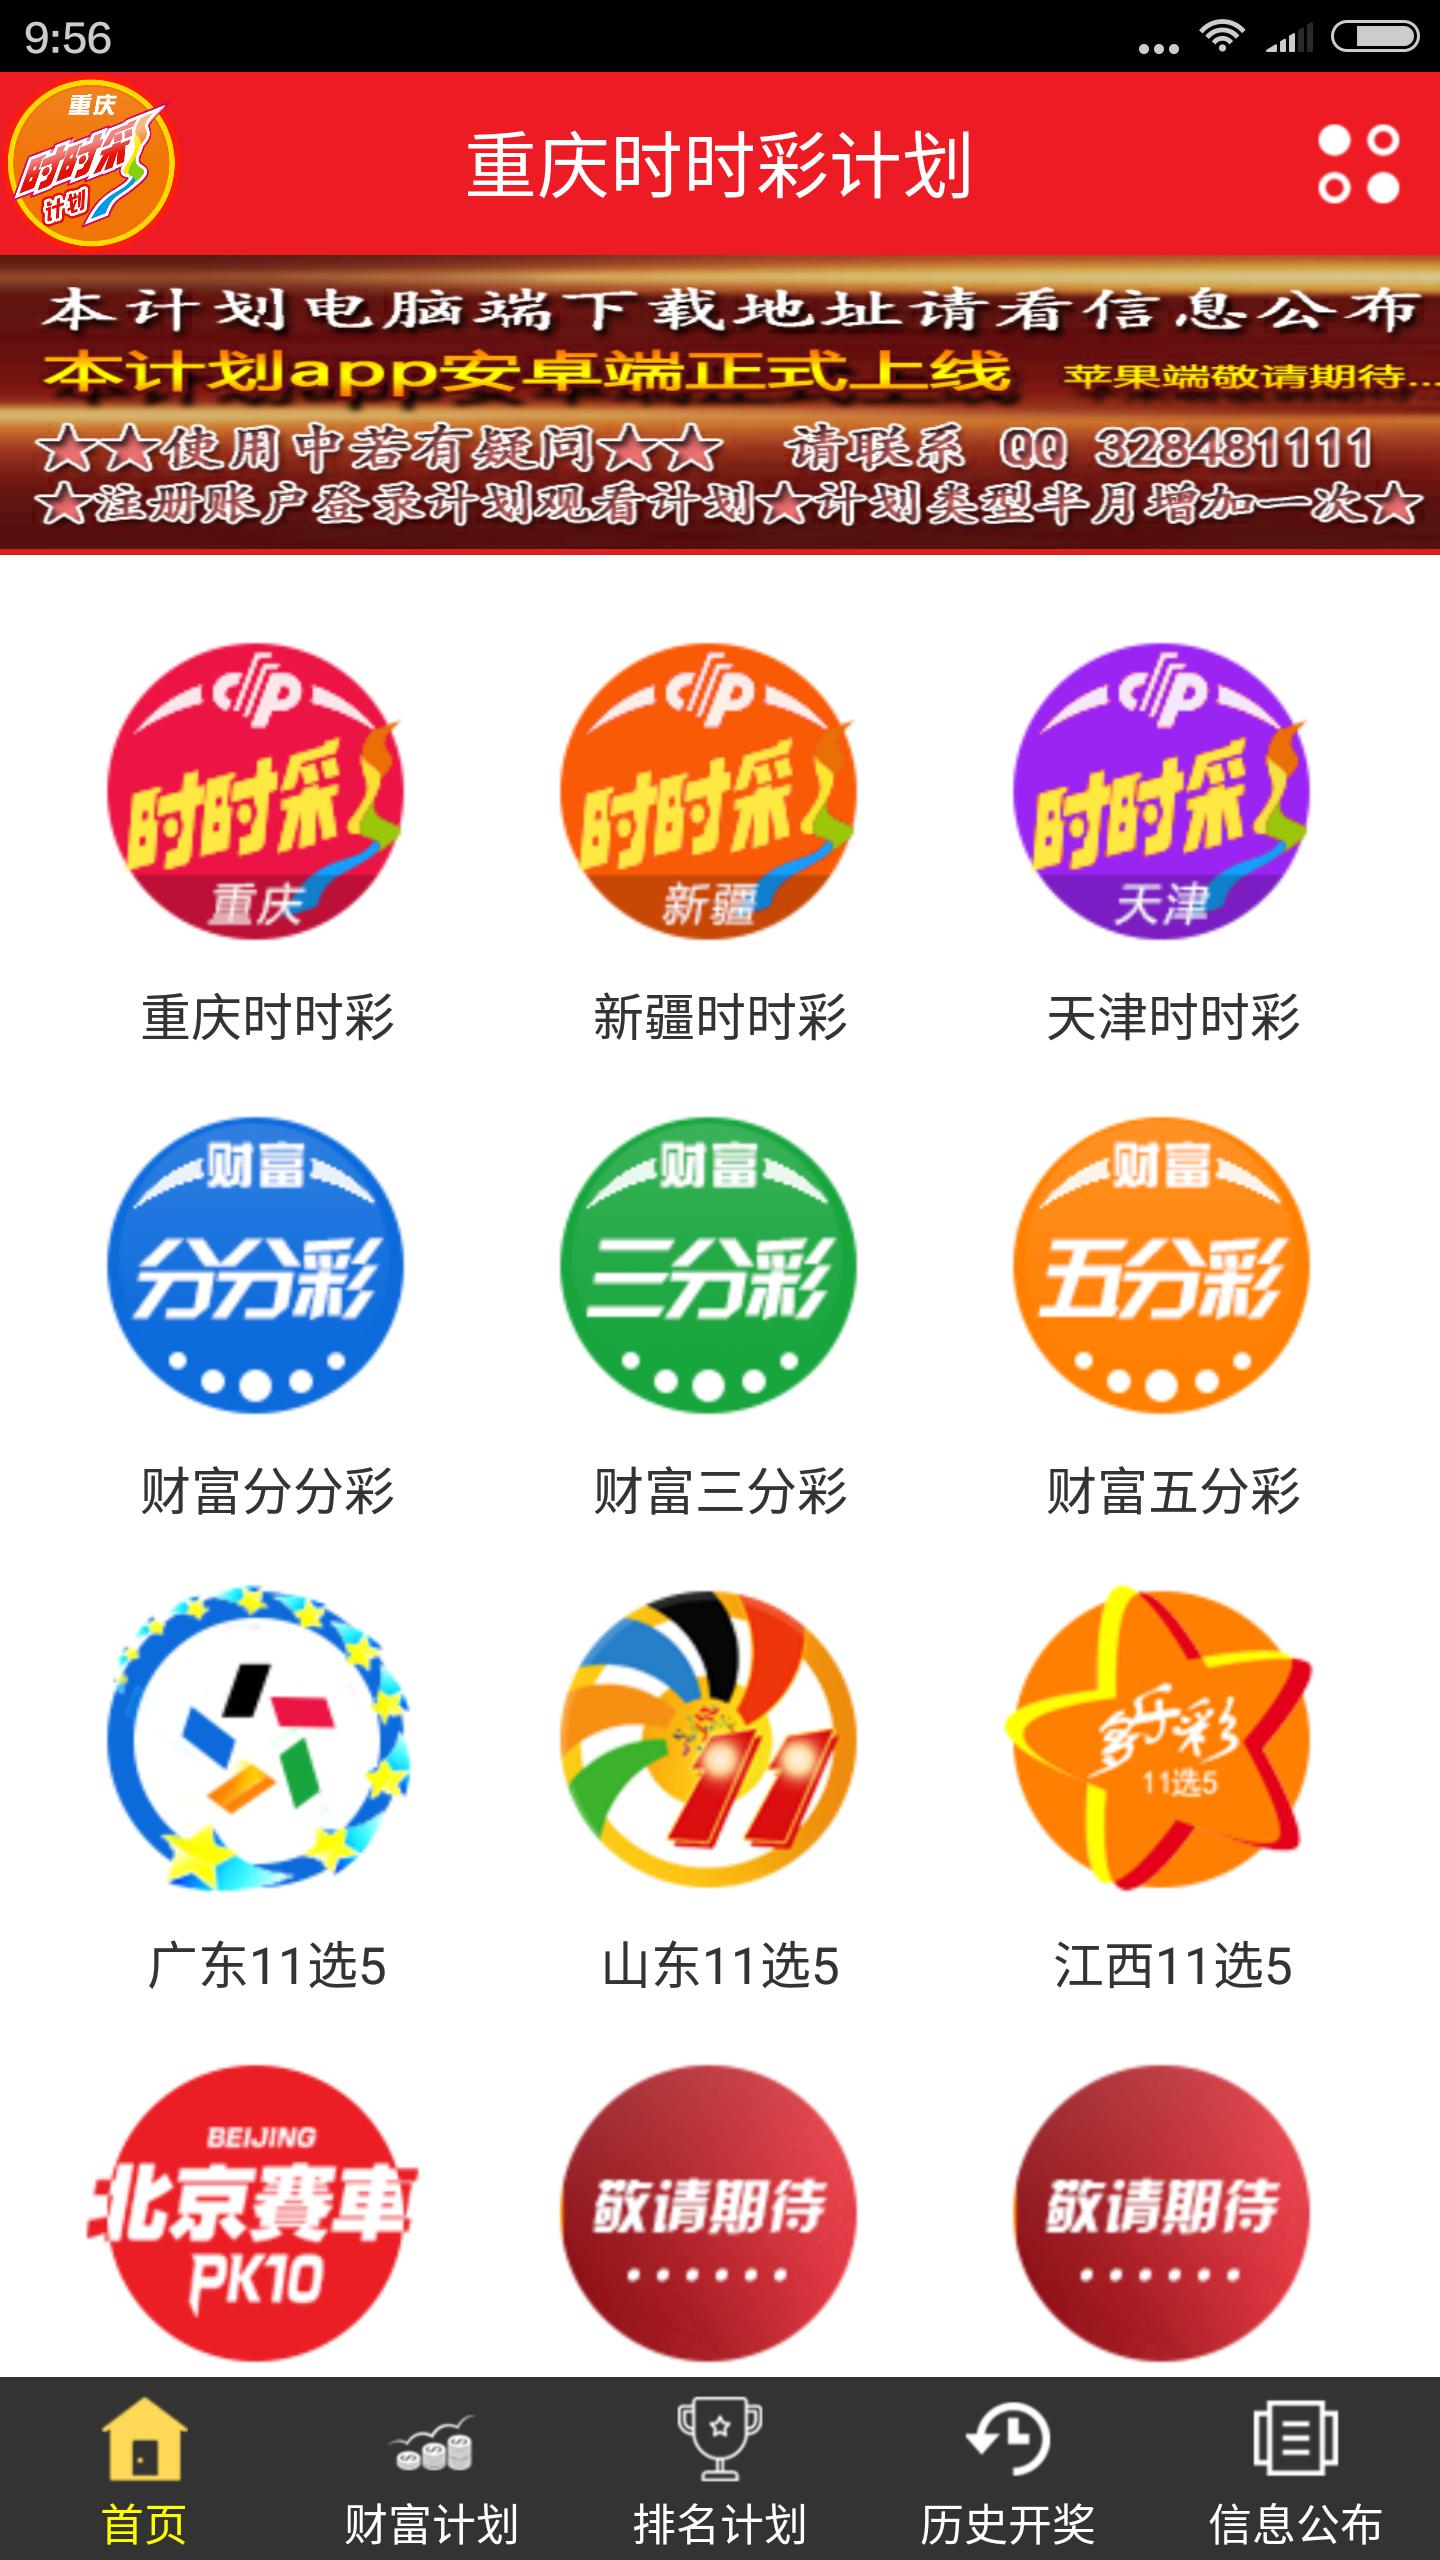 北京赛车pk10计划软件官方 北京赛车pk10计划APP免费 北京赛车pk10